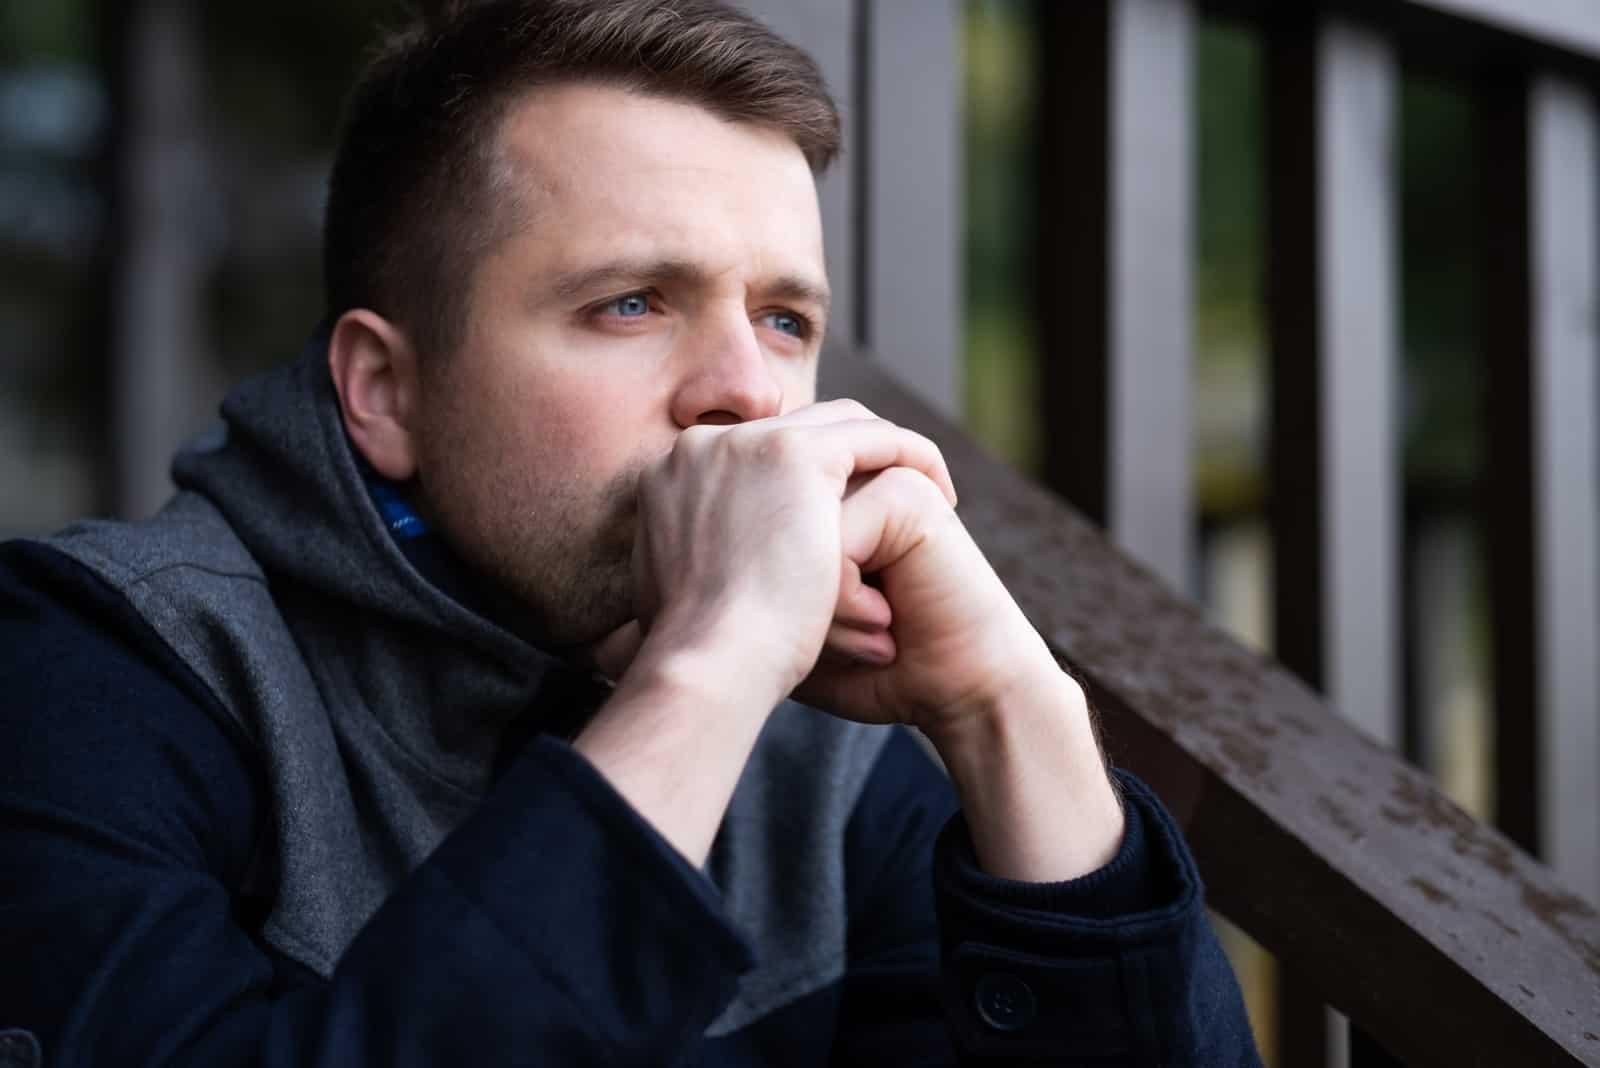 Mann sitzt alleine und denkt über Probleme nach